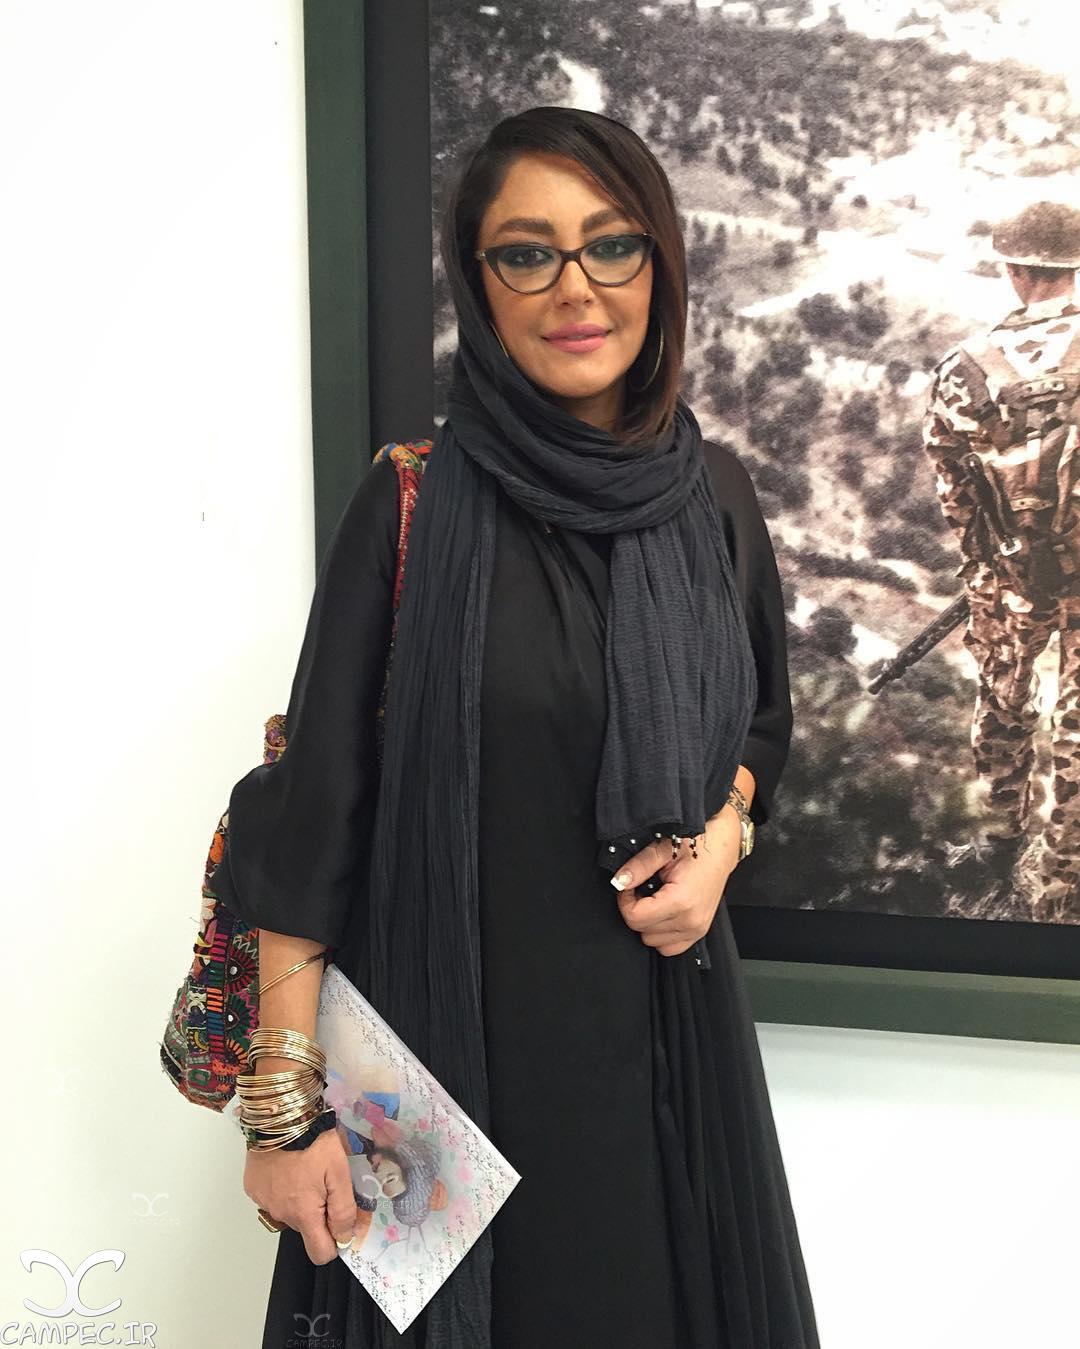 شقایق فراهانی در نمایشگاه عکس ایستاده در غبار